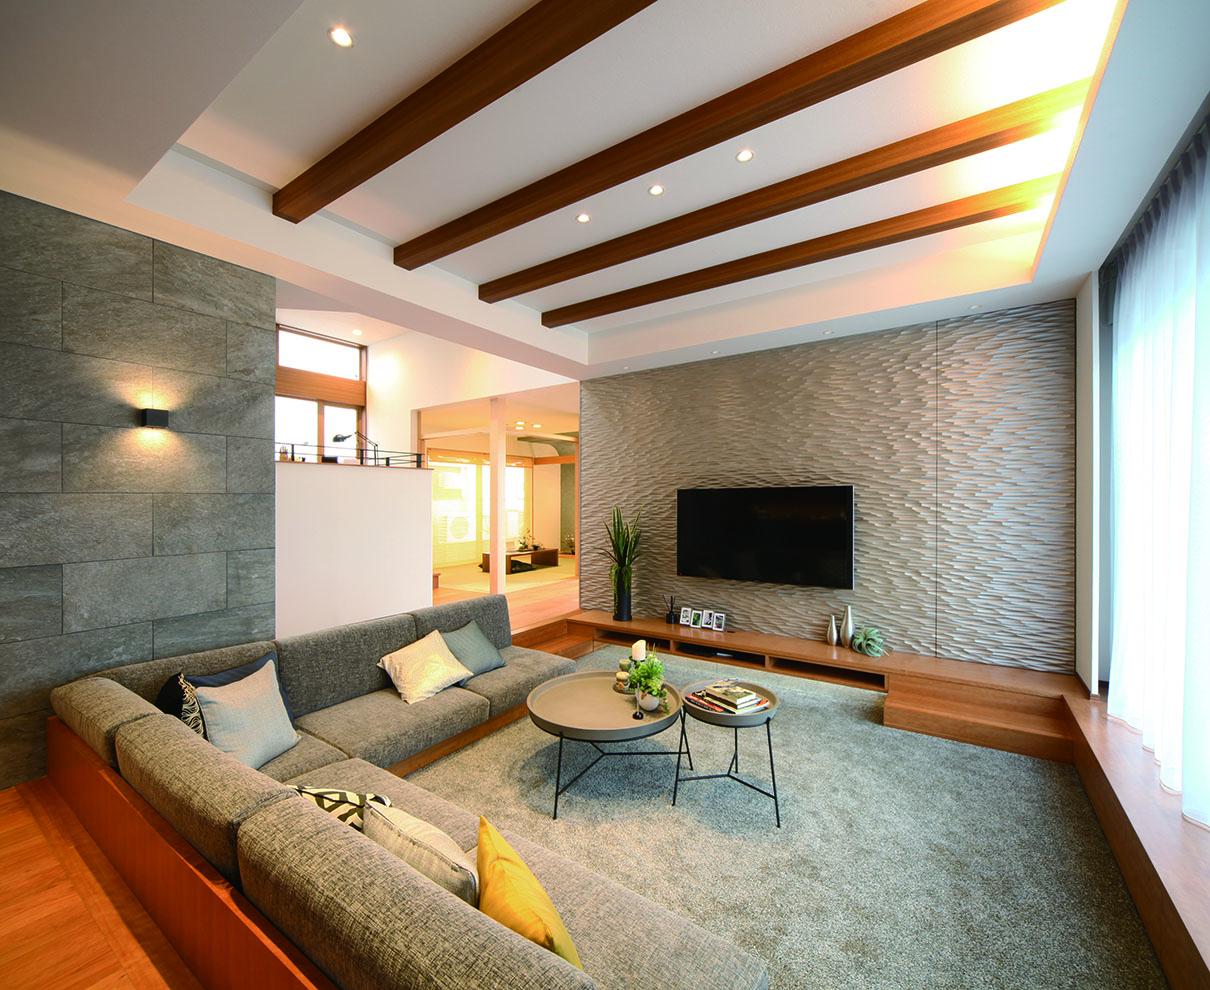 【4/29~】GWは家づくりを学ぶチャンス! 北陸の家づくりをよく知る『石友ホーム』のモデルハウス8棟を公開。